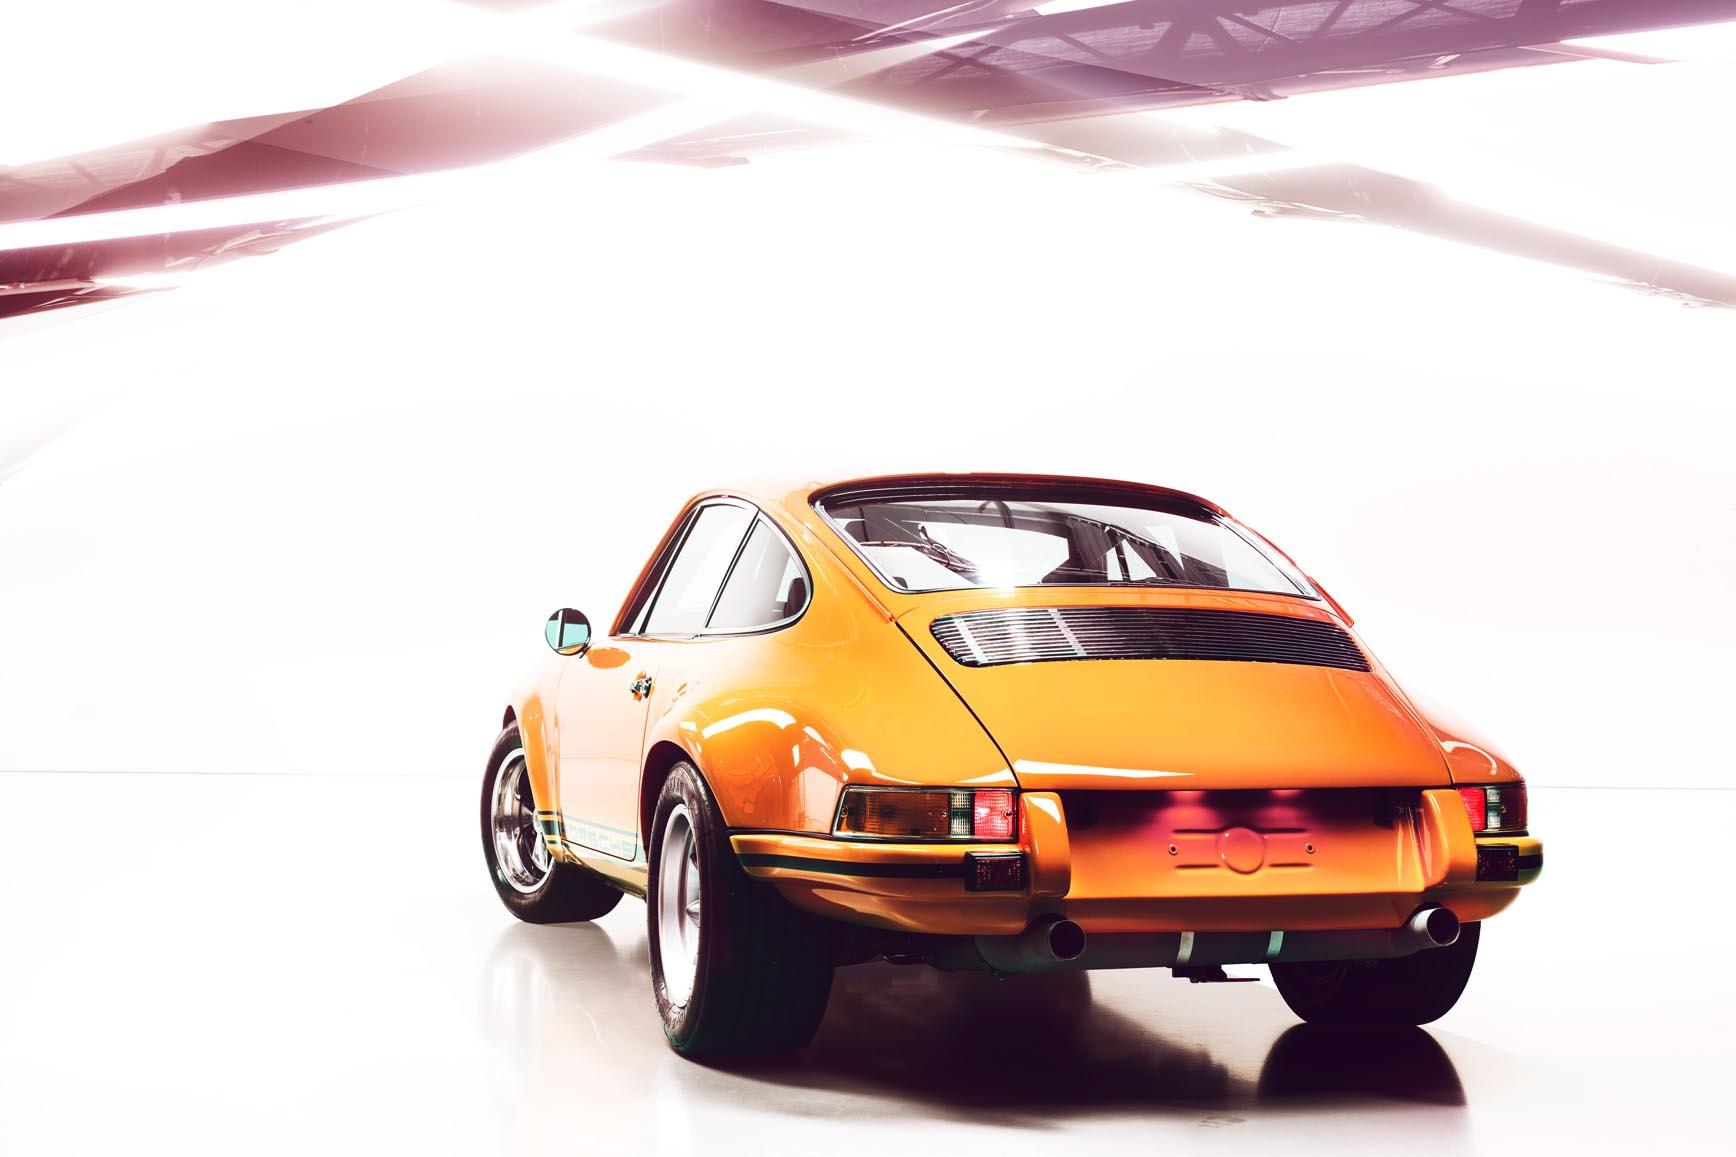 Porsche_911_ST_7_8_Rear_1_Fin_1